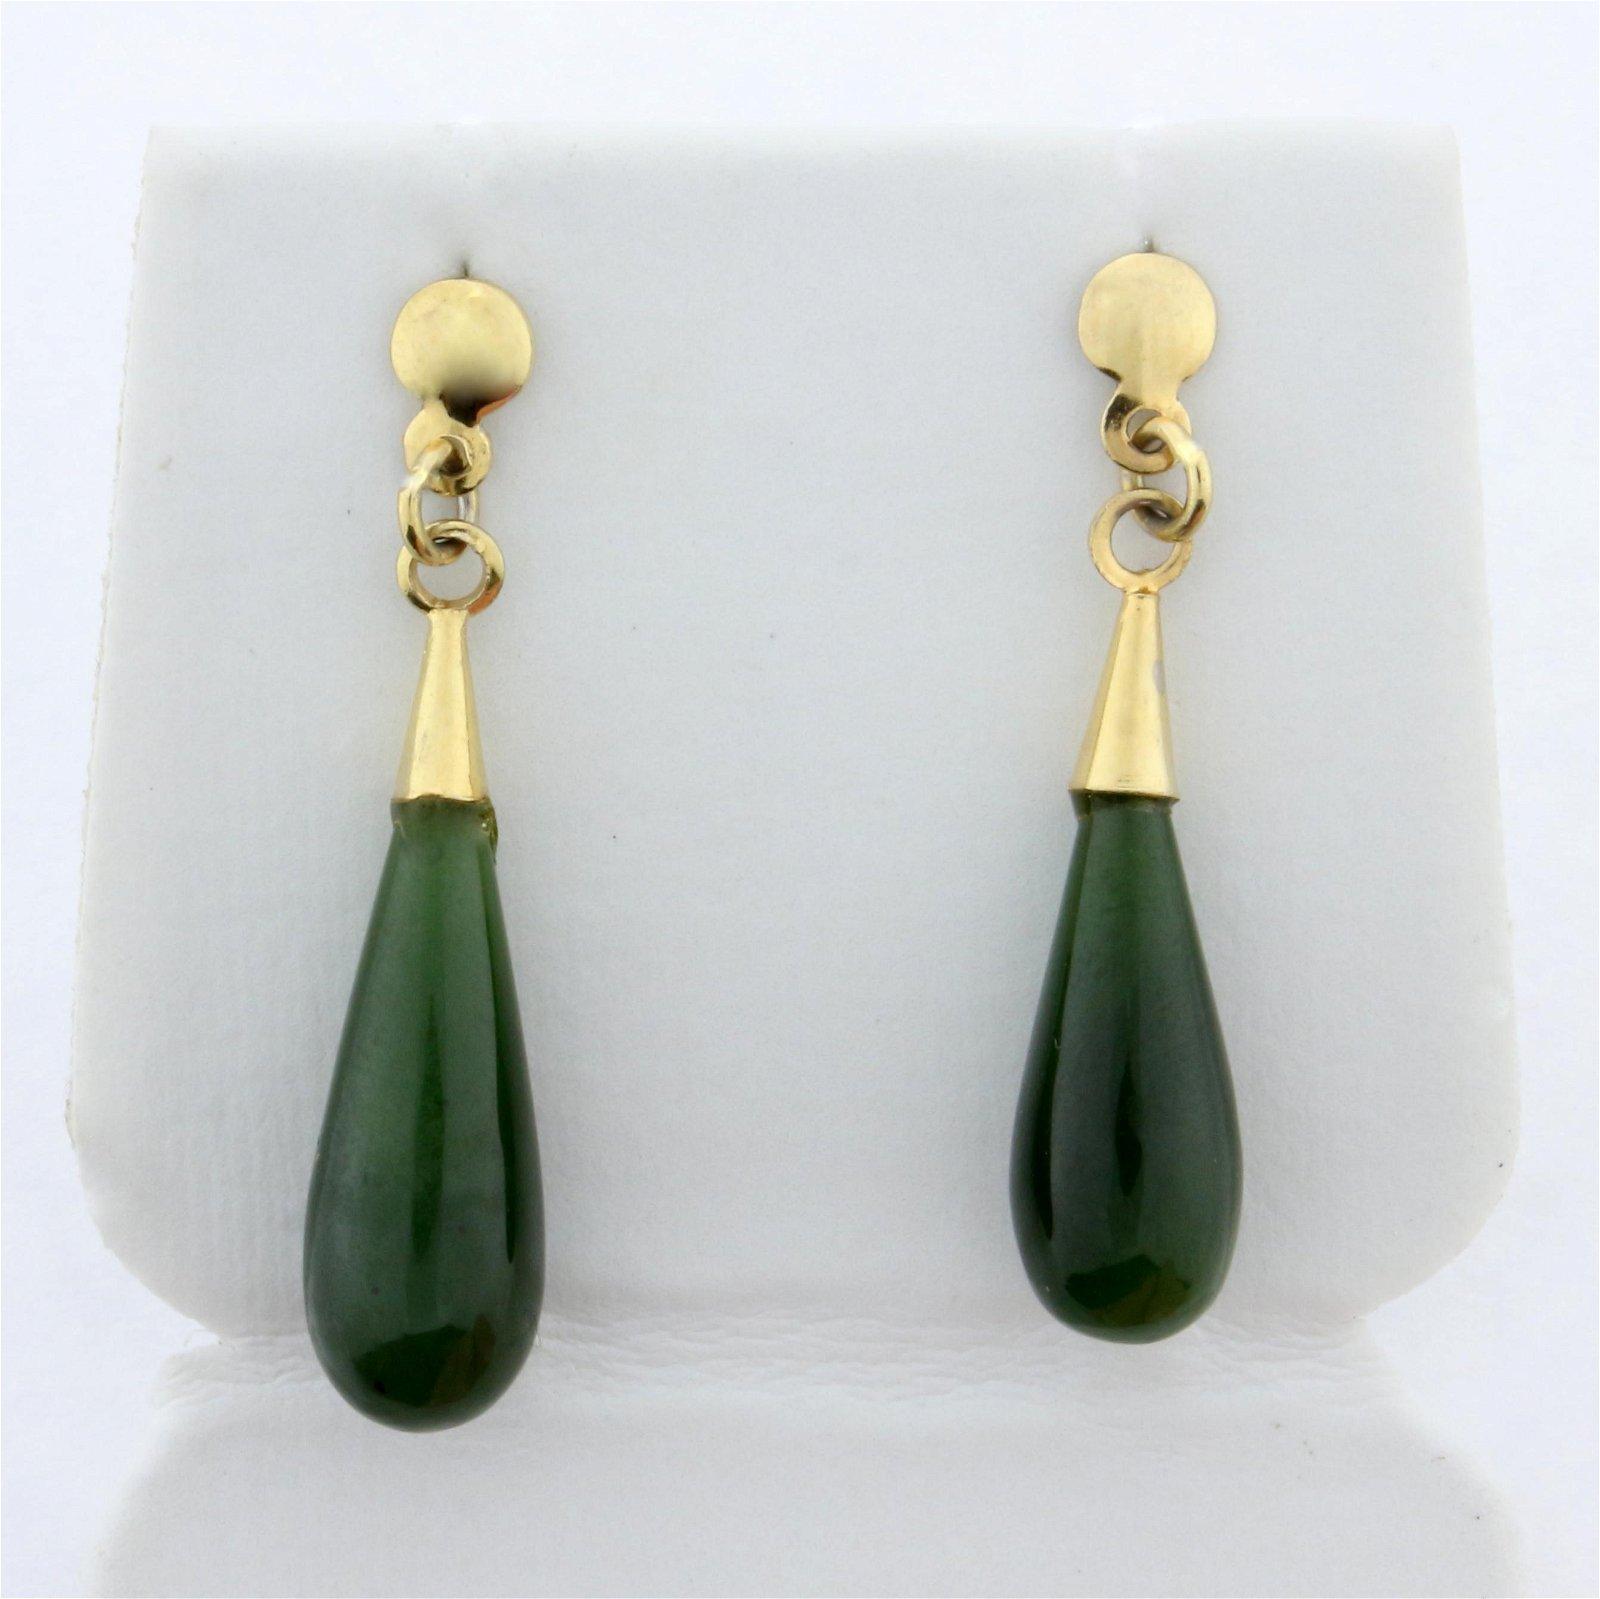 Jade Tear Drop Dangle Earrings in 14K Yellow Gold